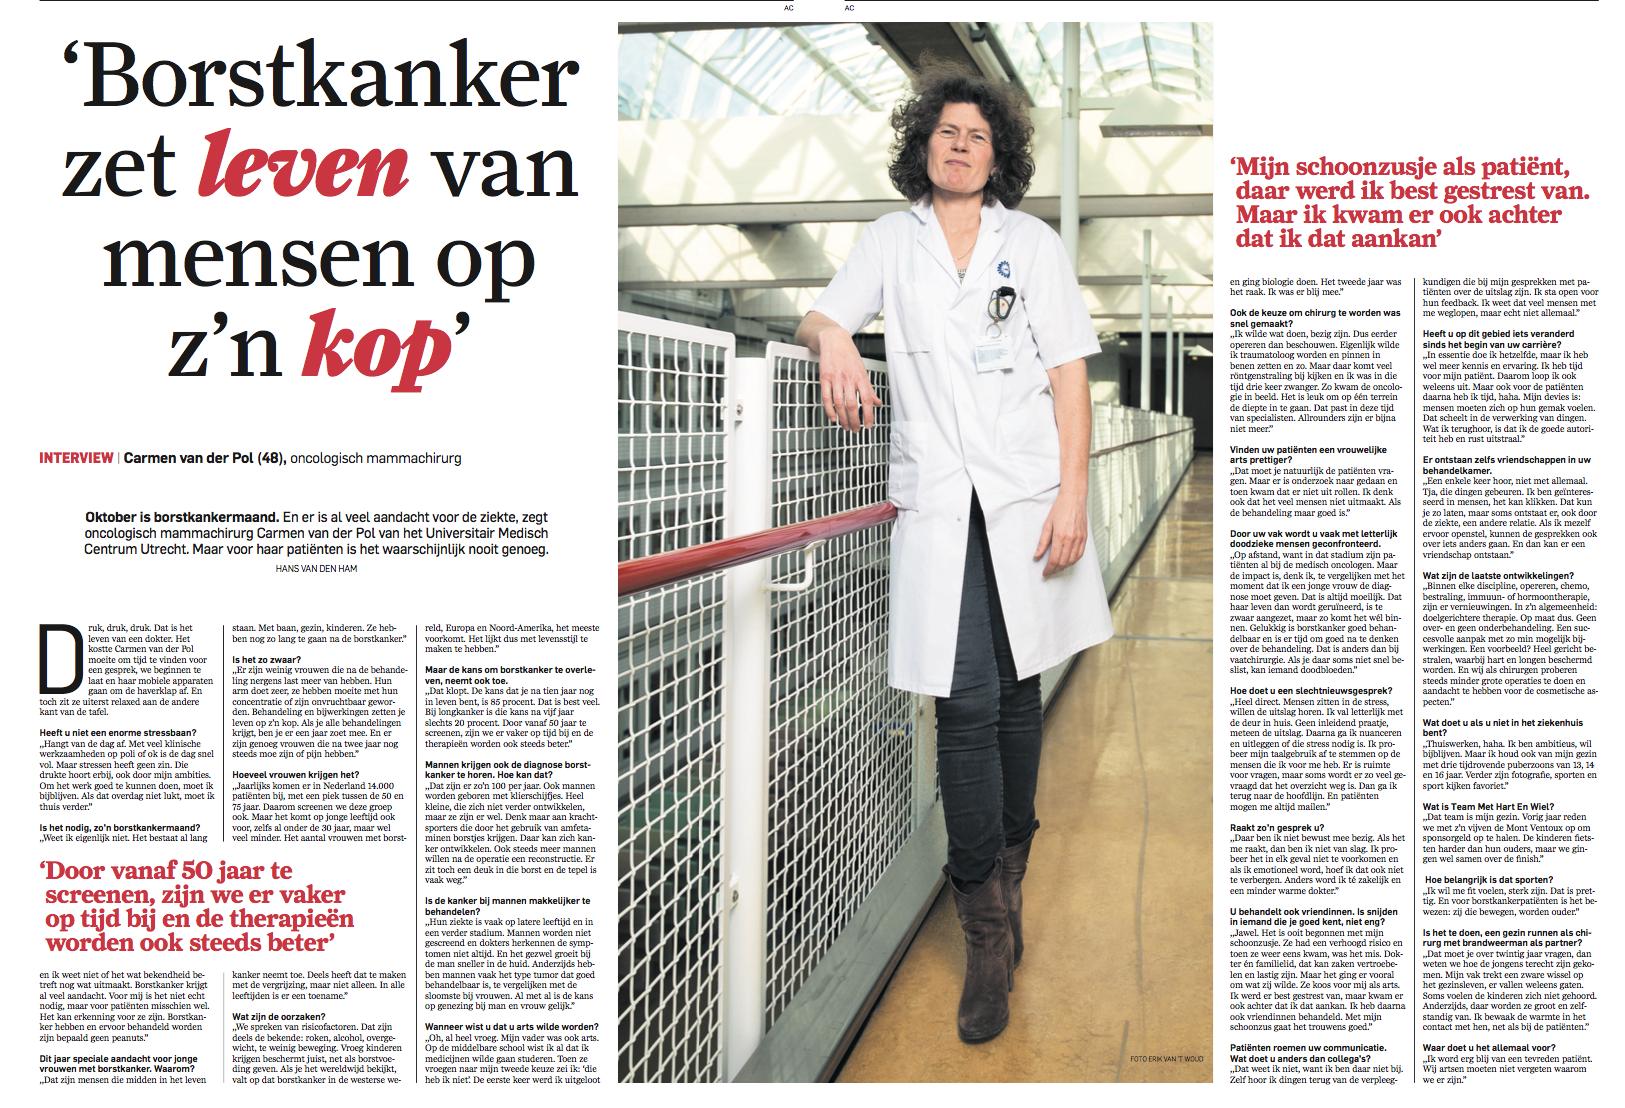 Interview Carmen van der Pol. Borstkanker zet leven van mensen op z'n kop!